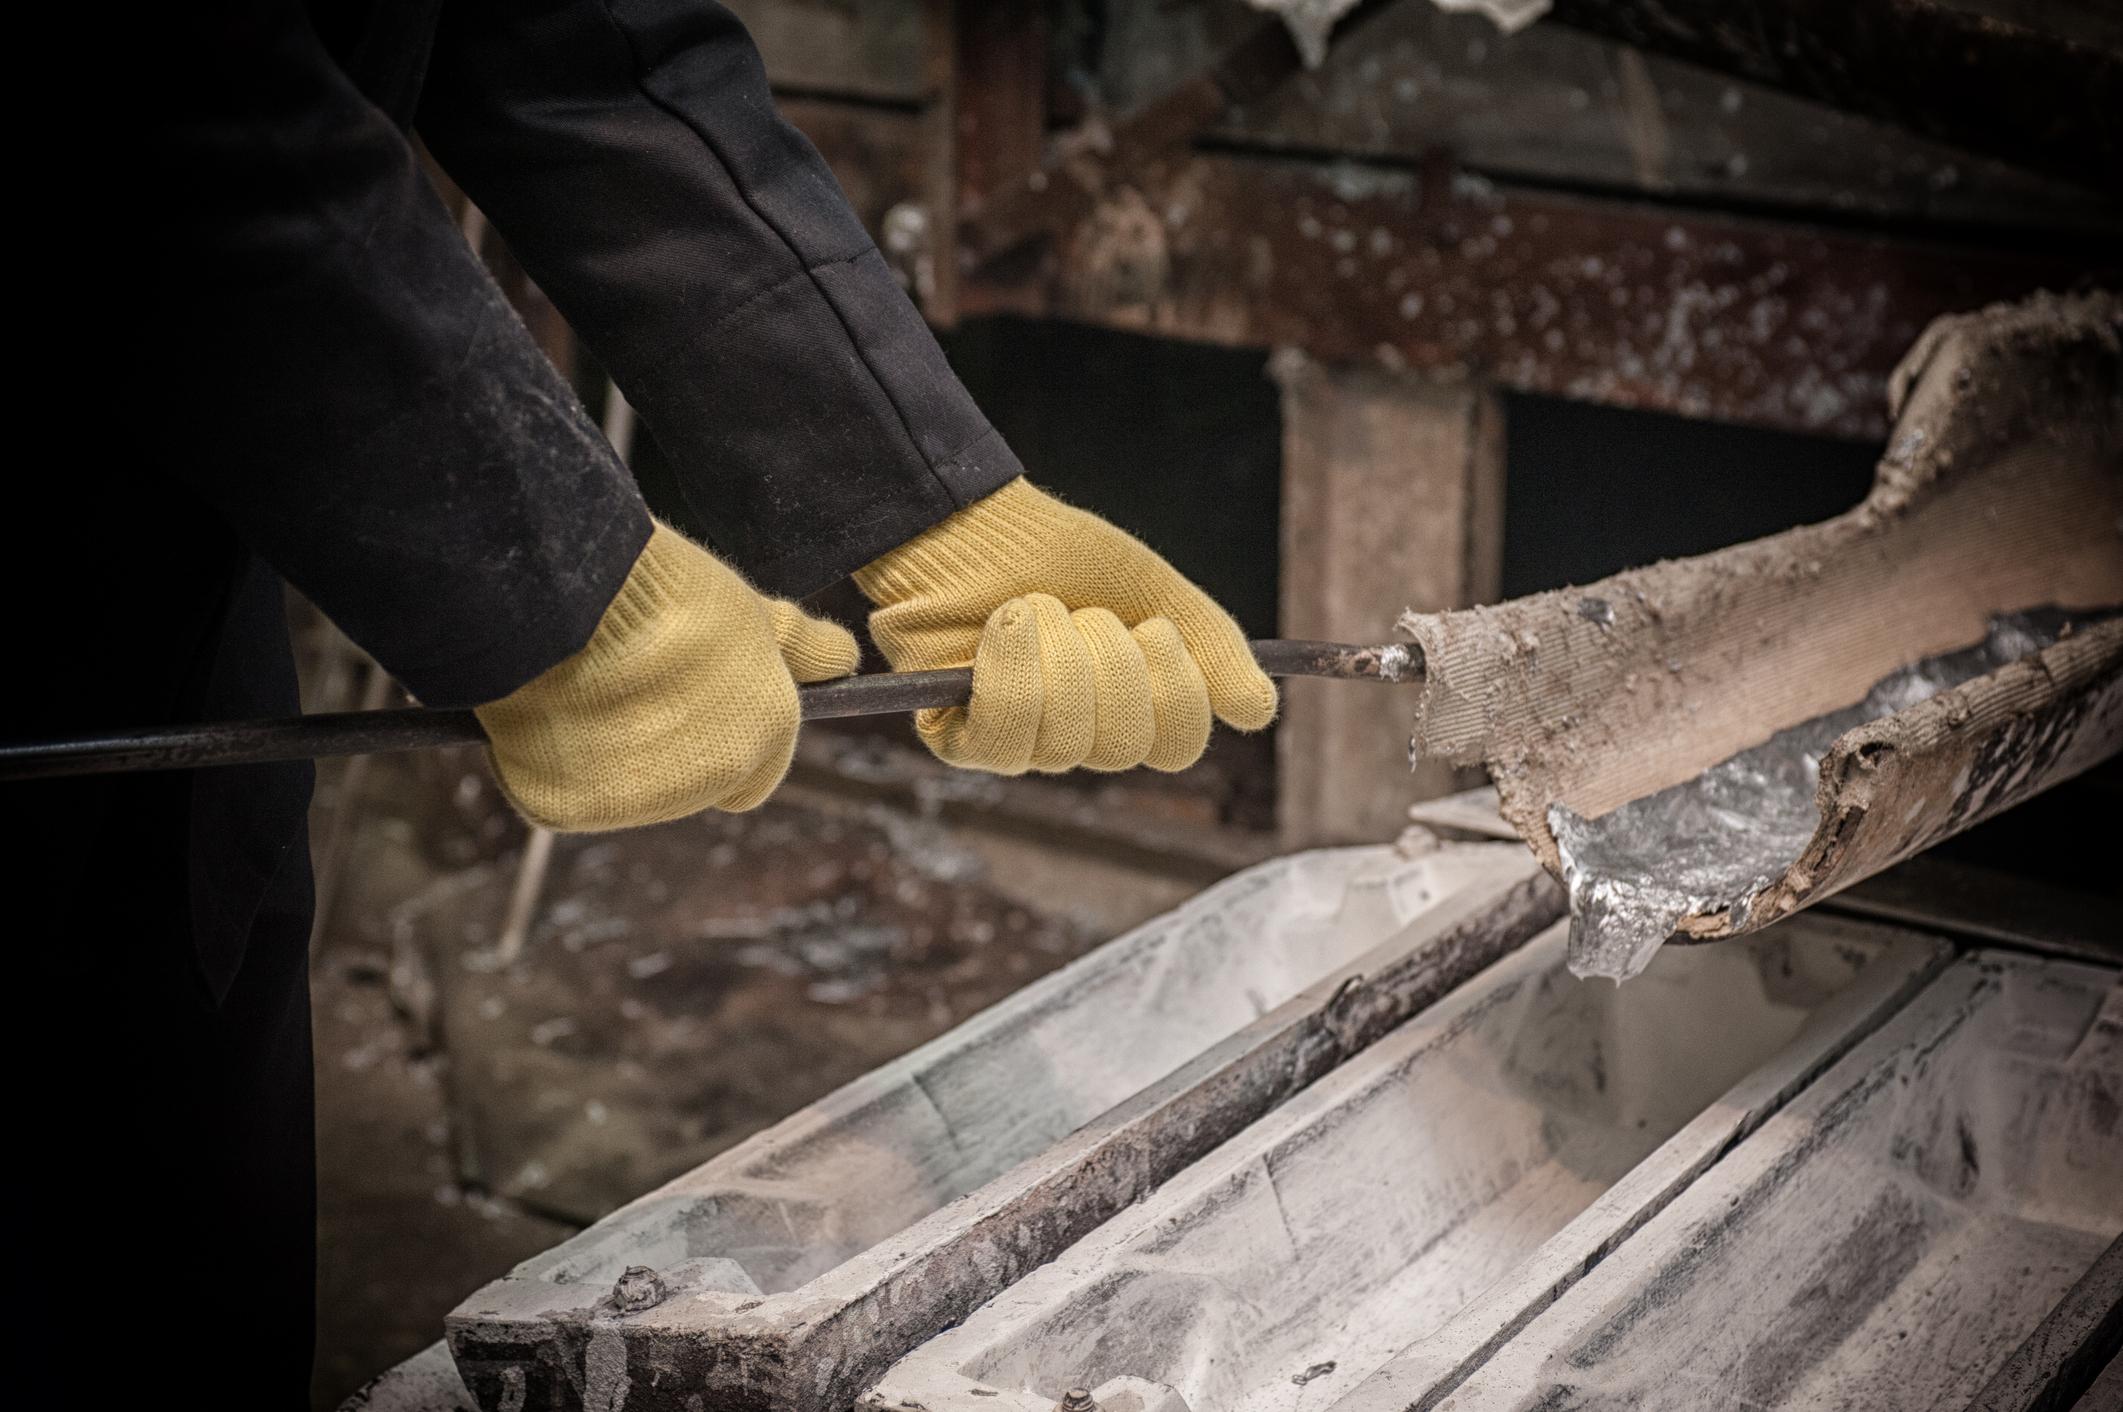 A man pouring aluminum ingots